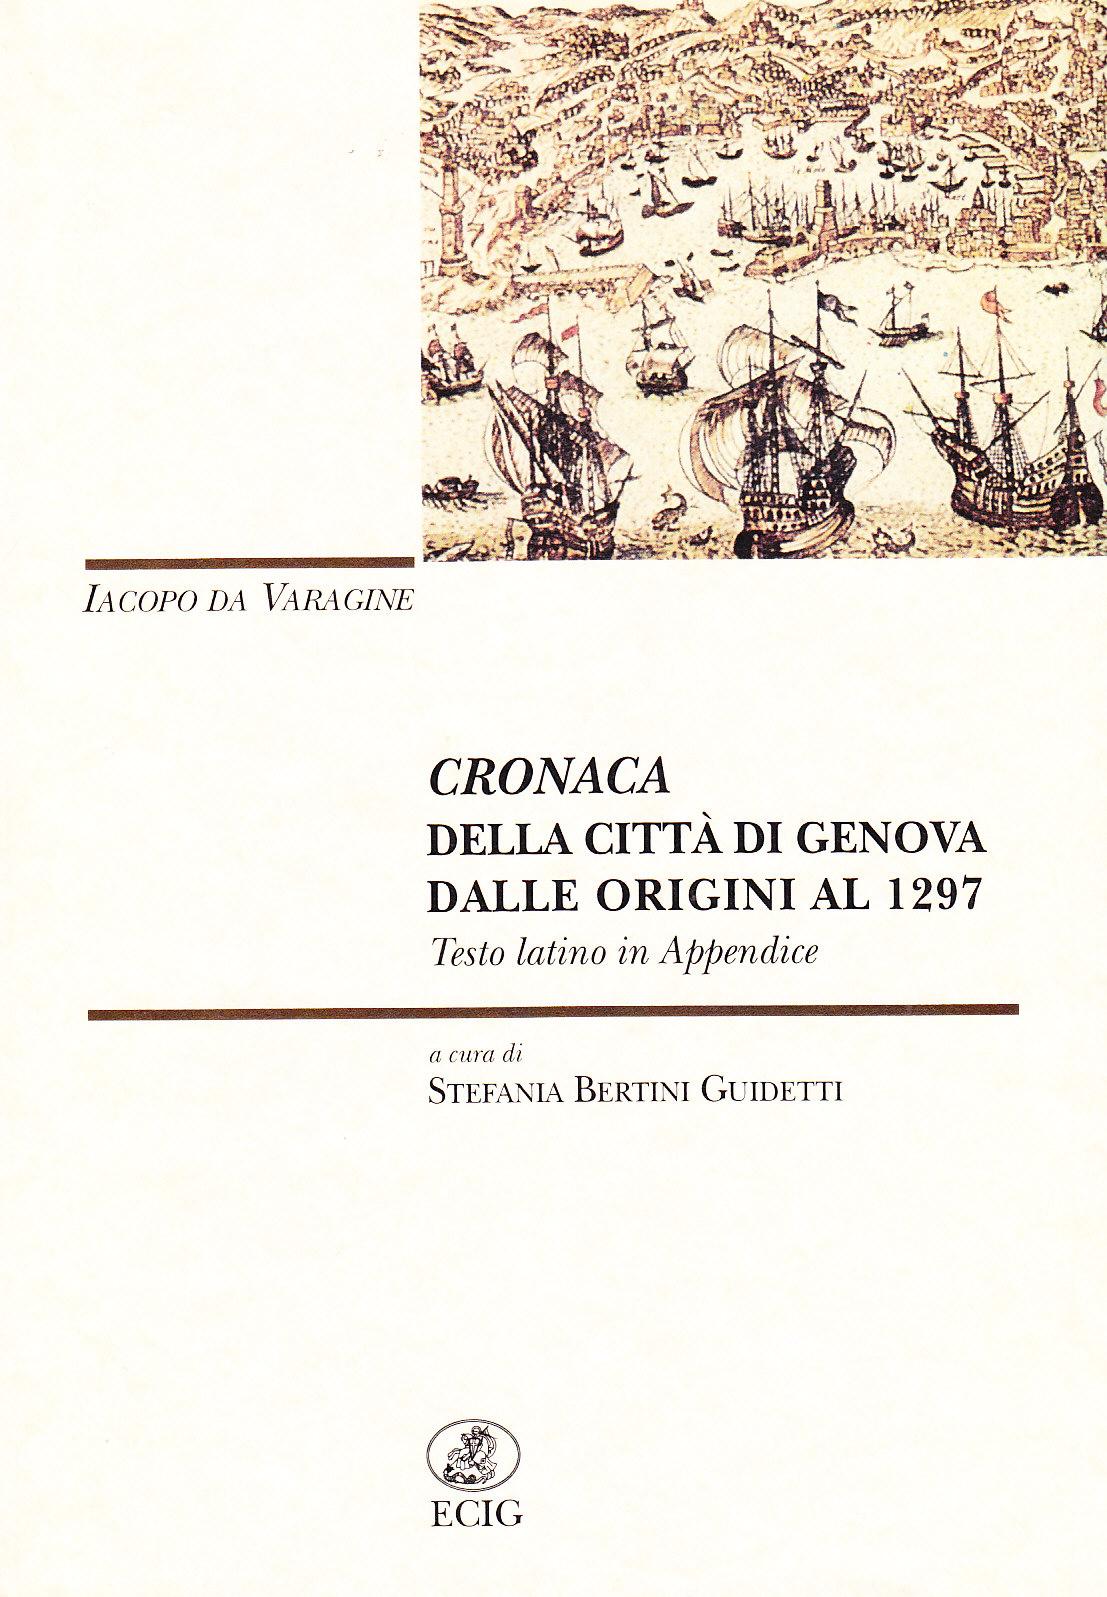 Cronaca della citt di genova dalle origini al 1297 www for Citta della spezia ultime notizie cronaca